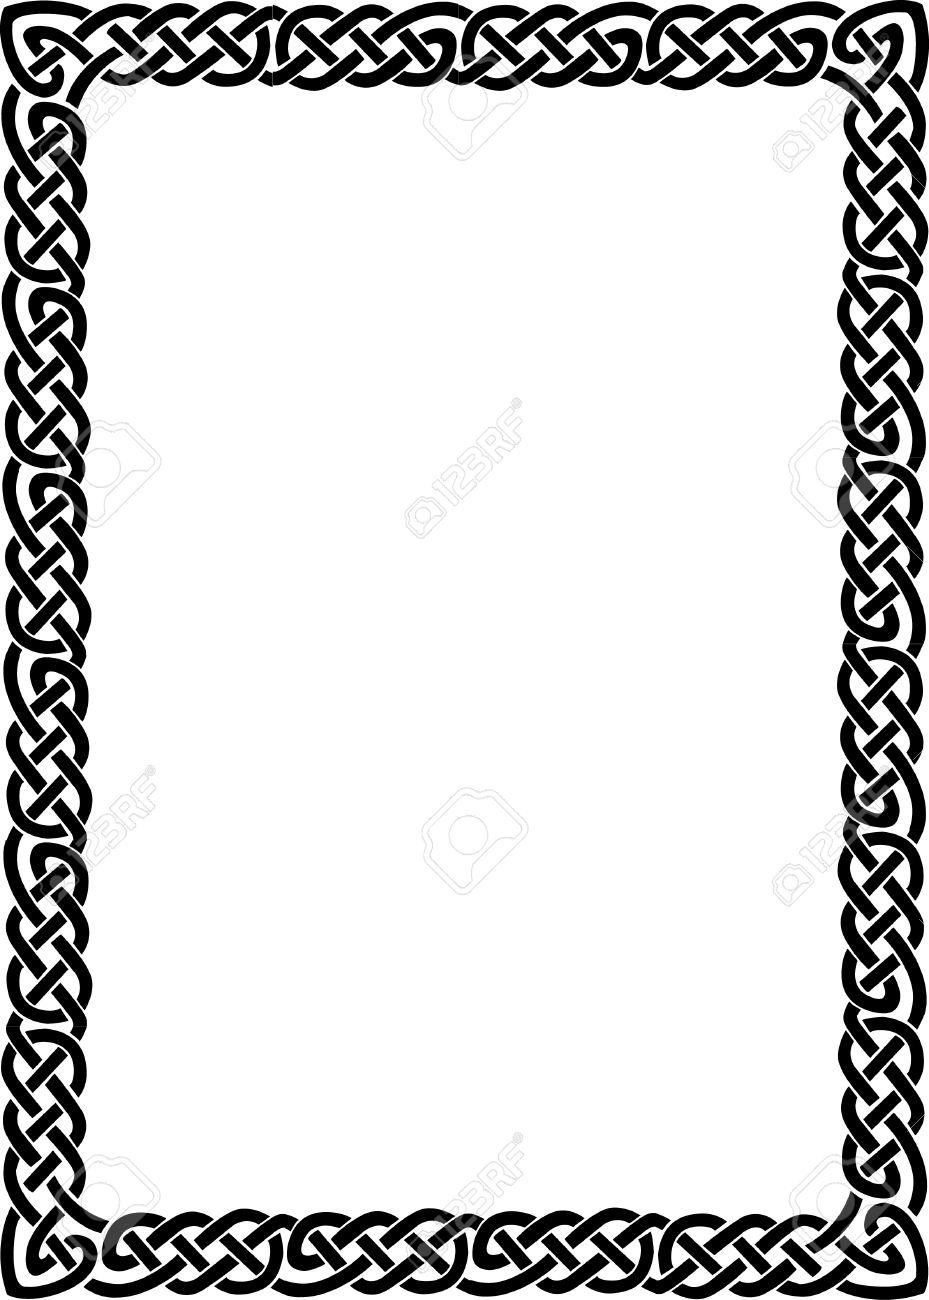 Increíble Negro Marco Blanco Embellecimiento - Ideas Personalizadas ...